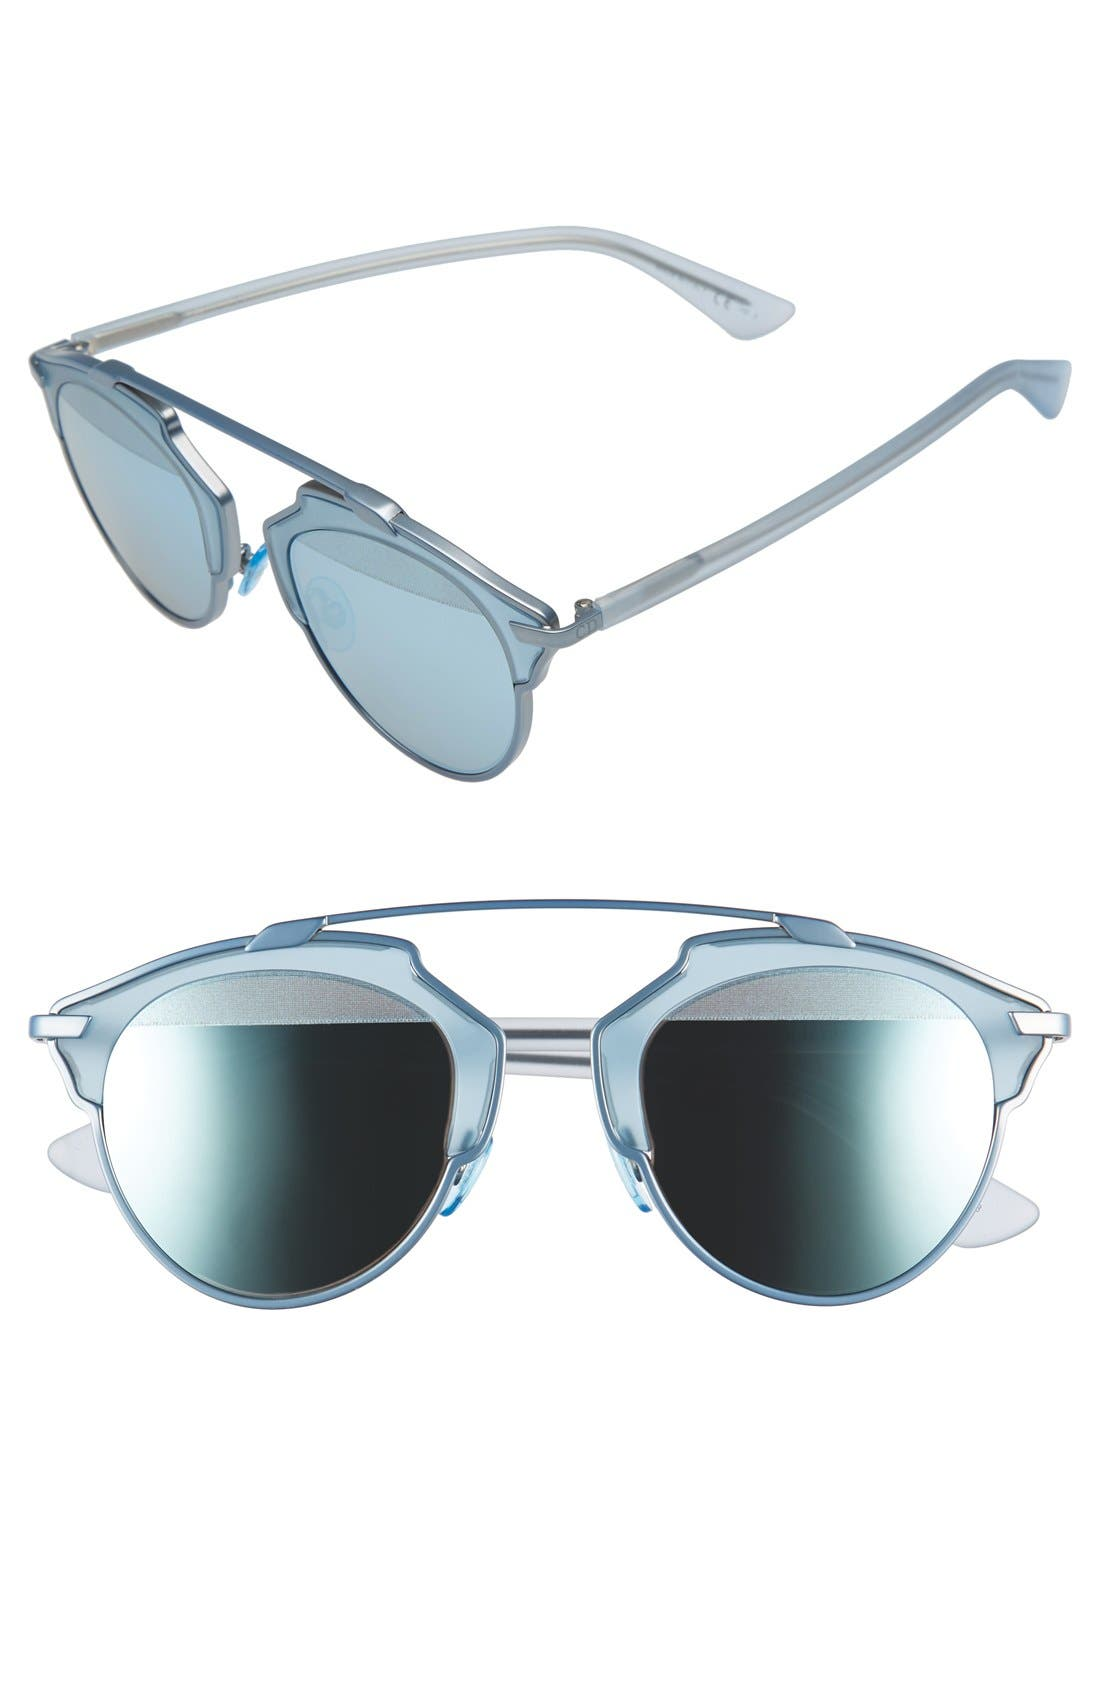 Main Image - Dior So Real 48mm Brow Bar Sunglasses